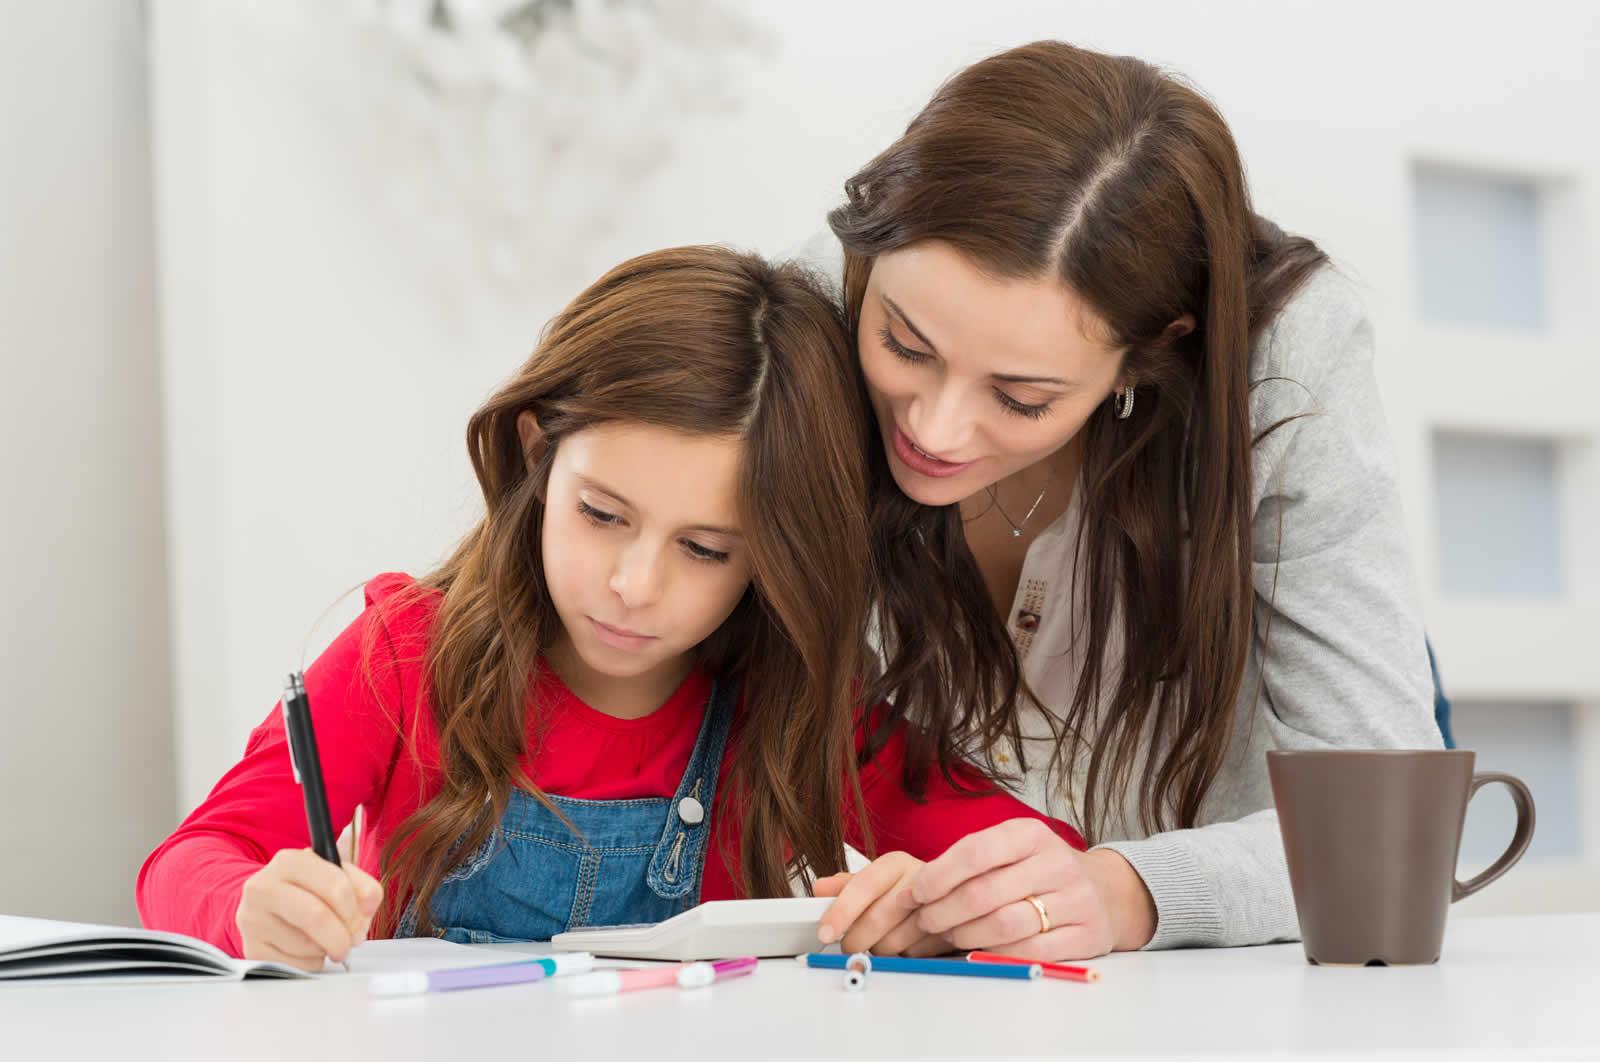 Le petit lexique de la maman d'élève branchée aux États-Unis